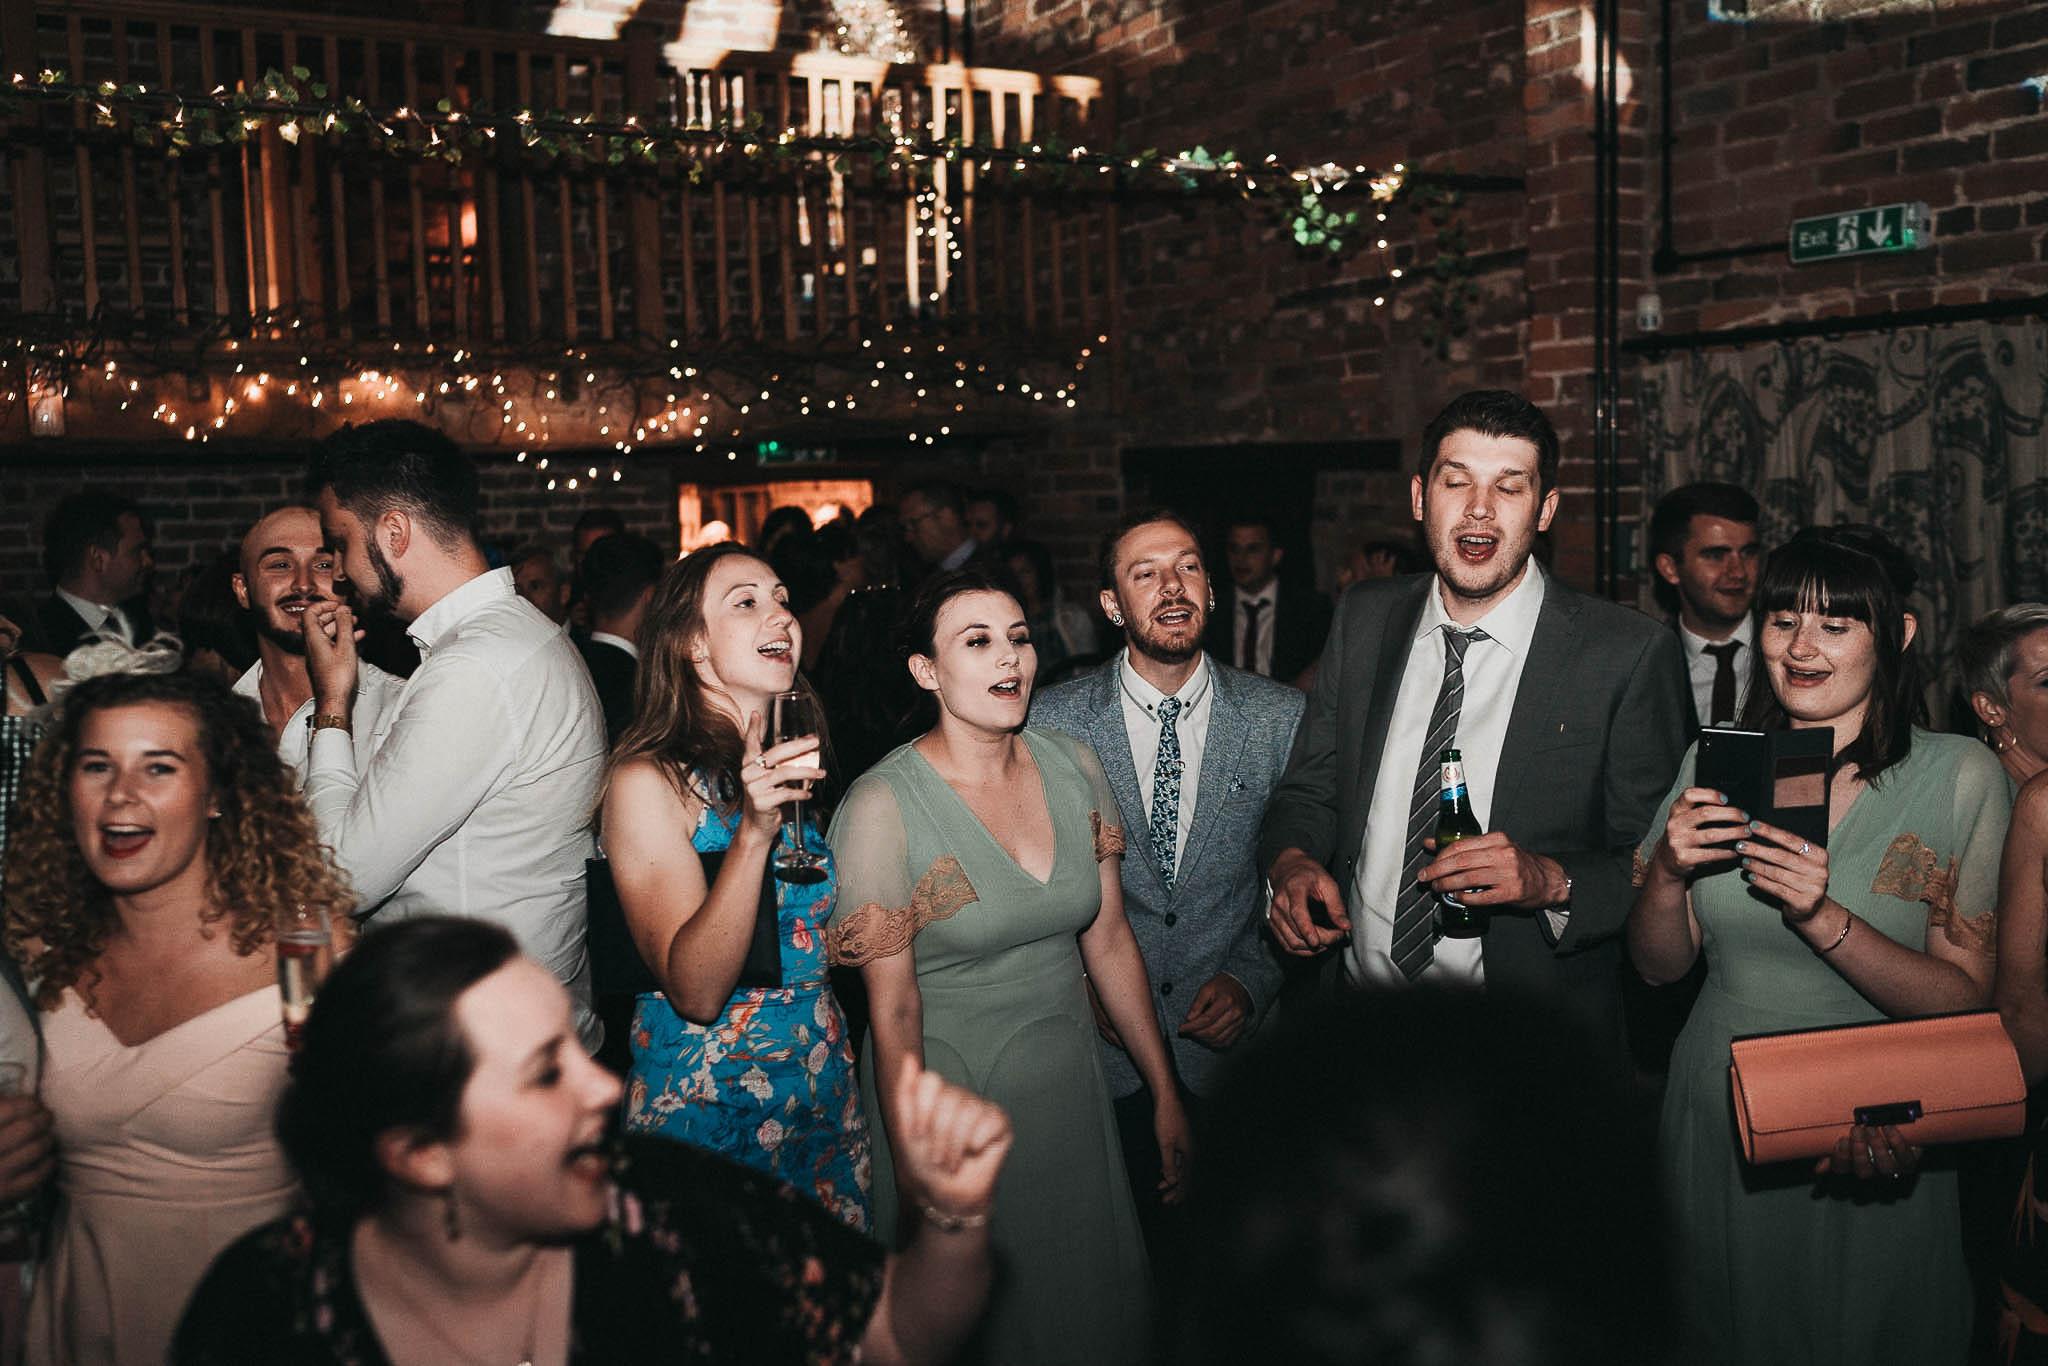 wedding-dancing-pictures